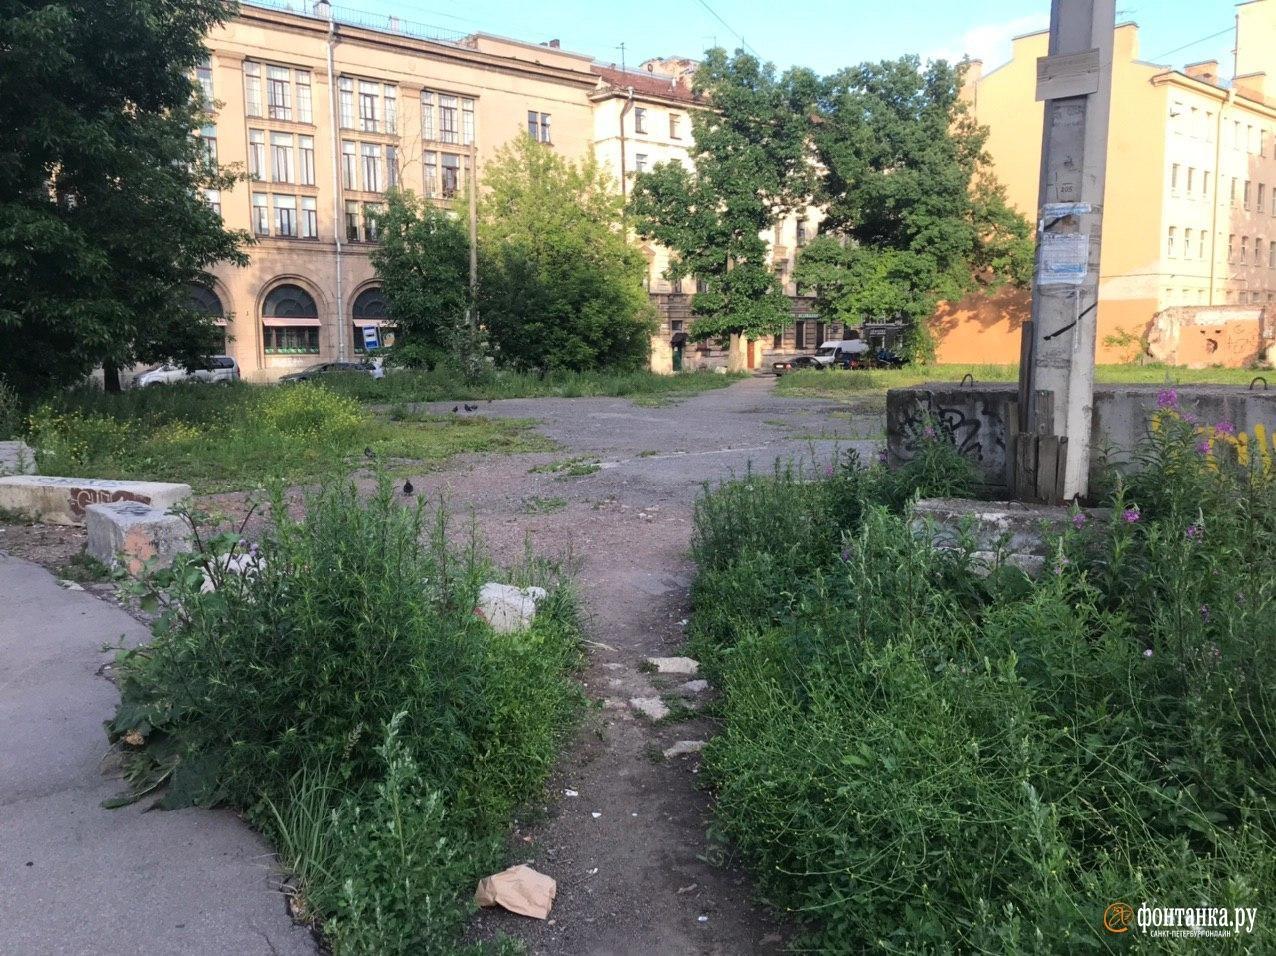 Сытнинская улица&nbsp;<br><br>автор фото Денис Лебедев / «Фонтанка.ру»<br>